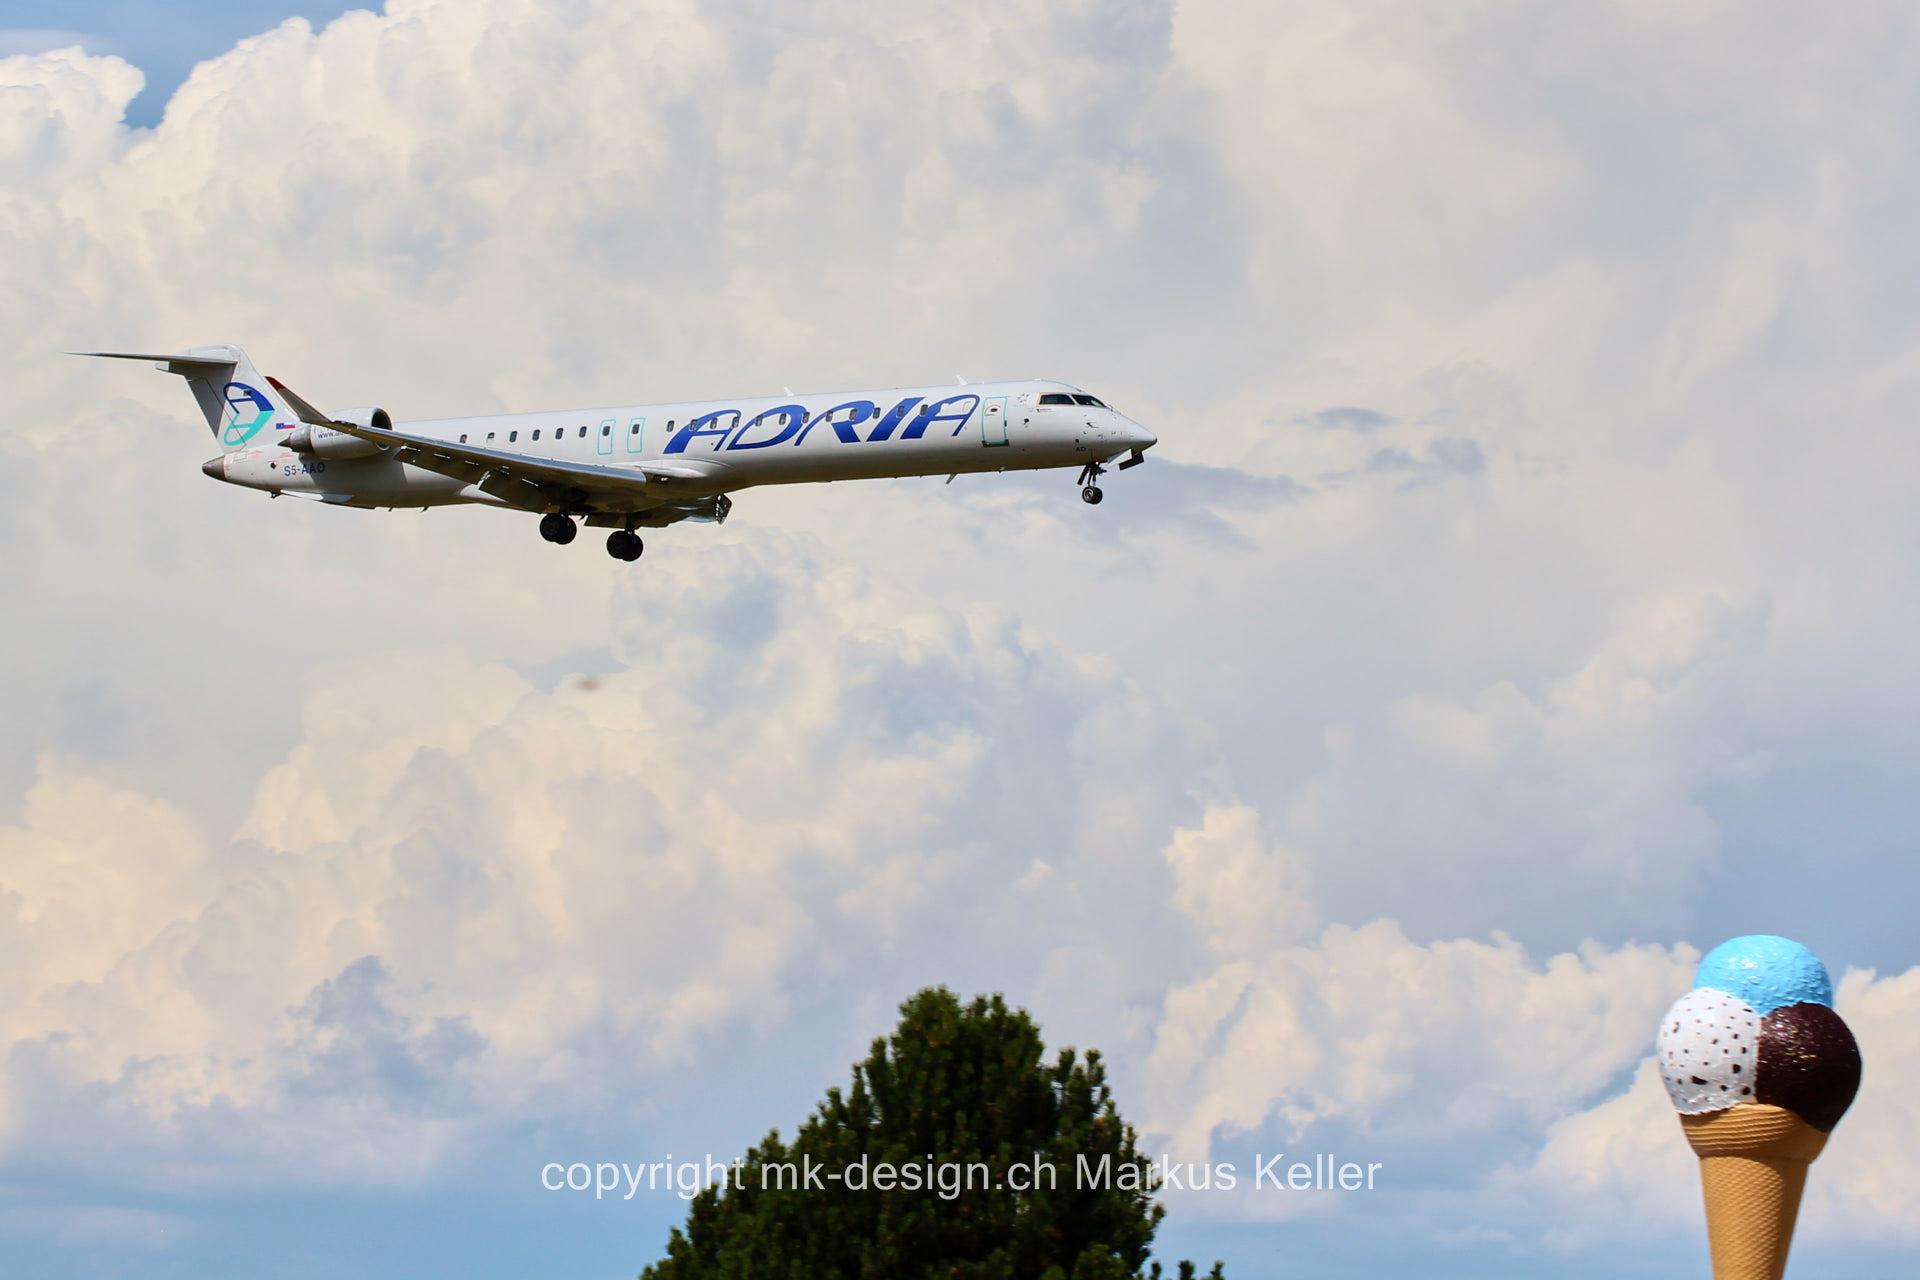 Flugzeug   Bombardier CRJ-900LR